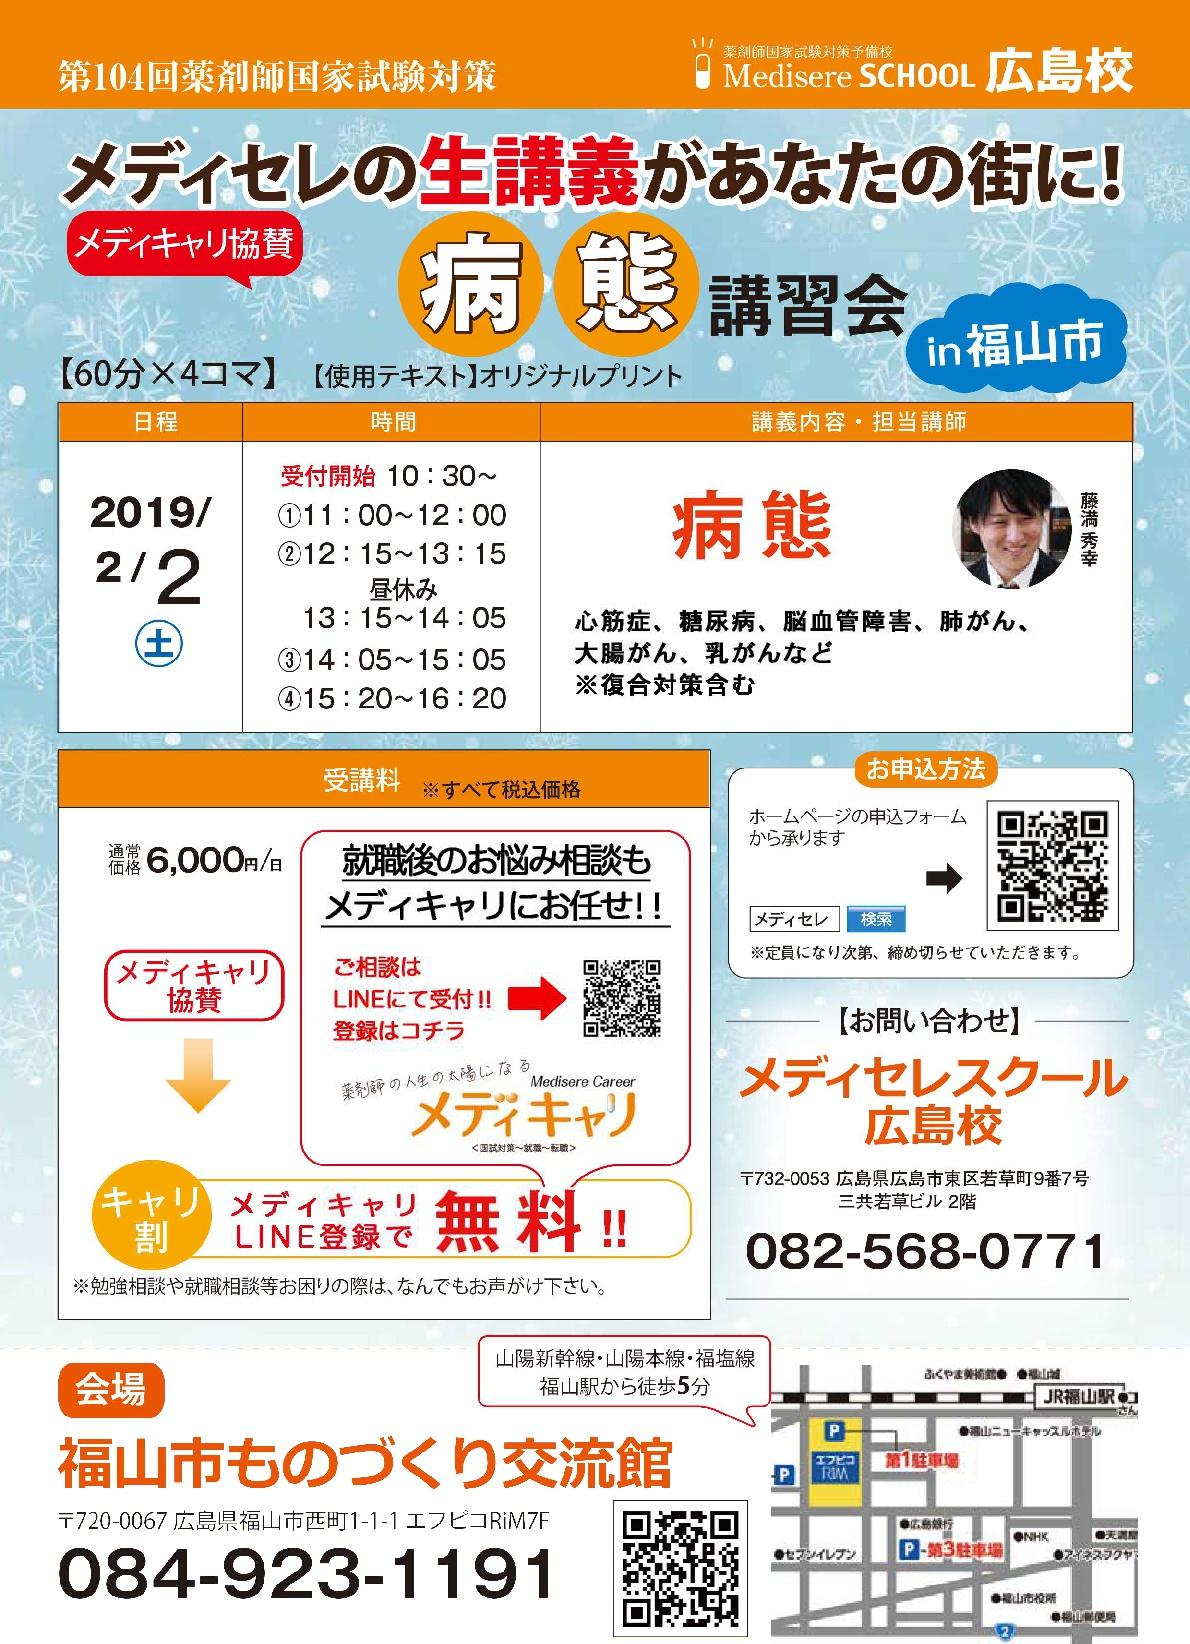 190202_福山市_出張講習会(広島校)-compressed-001 (1)